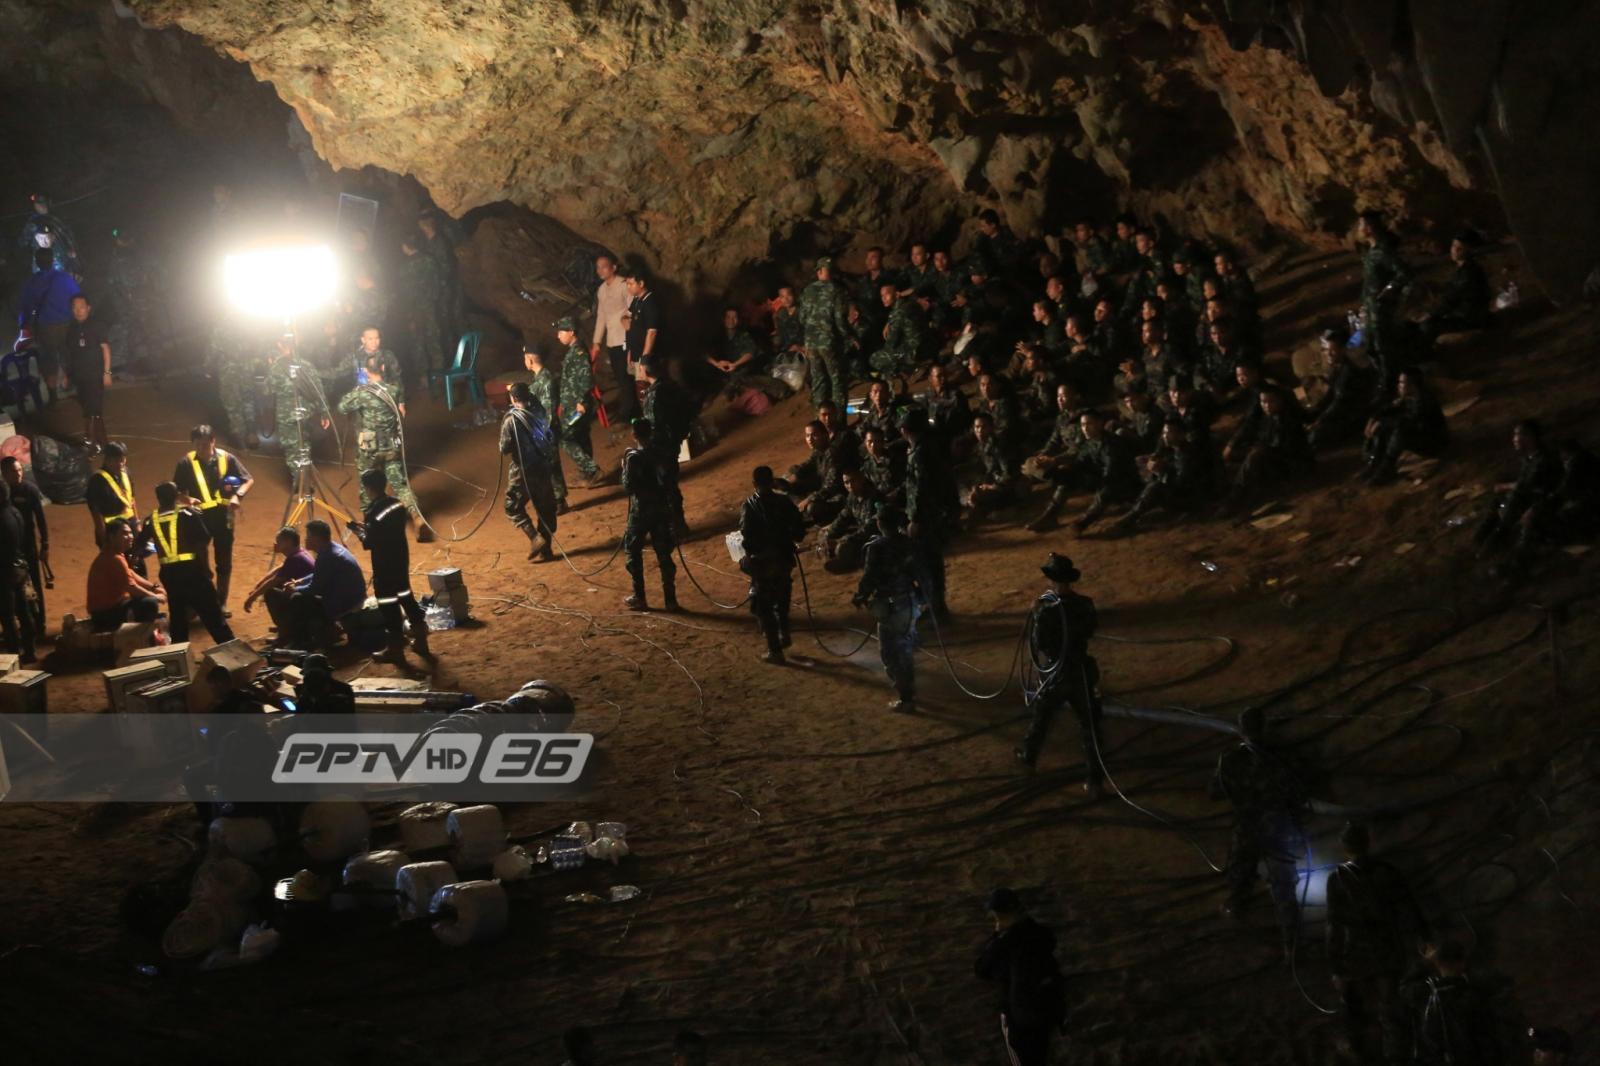 ปฏิบัติการค้นหา 13 ชีวิตติดถ้ำหลวง จ.เชียงราย วันที่ 5